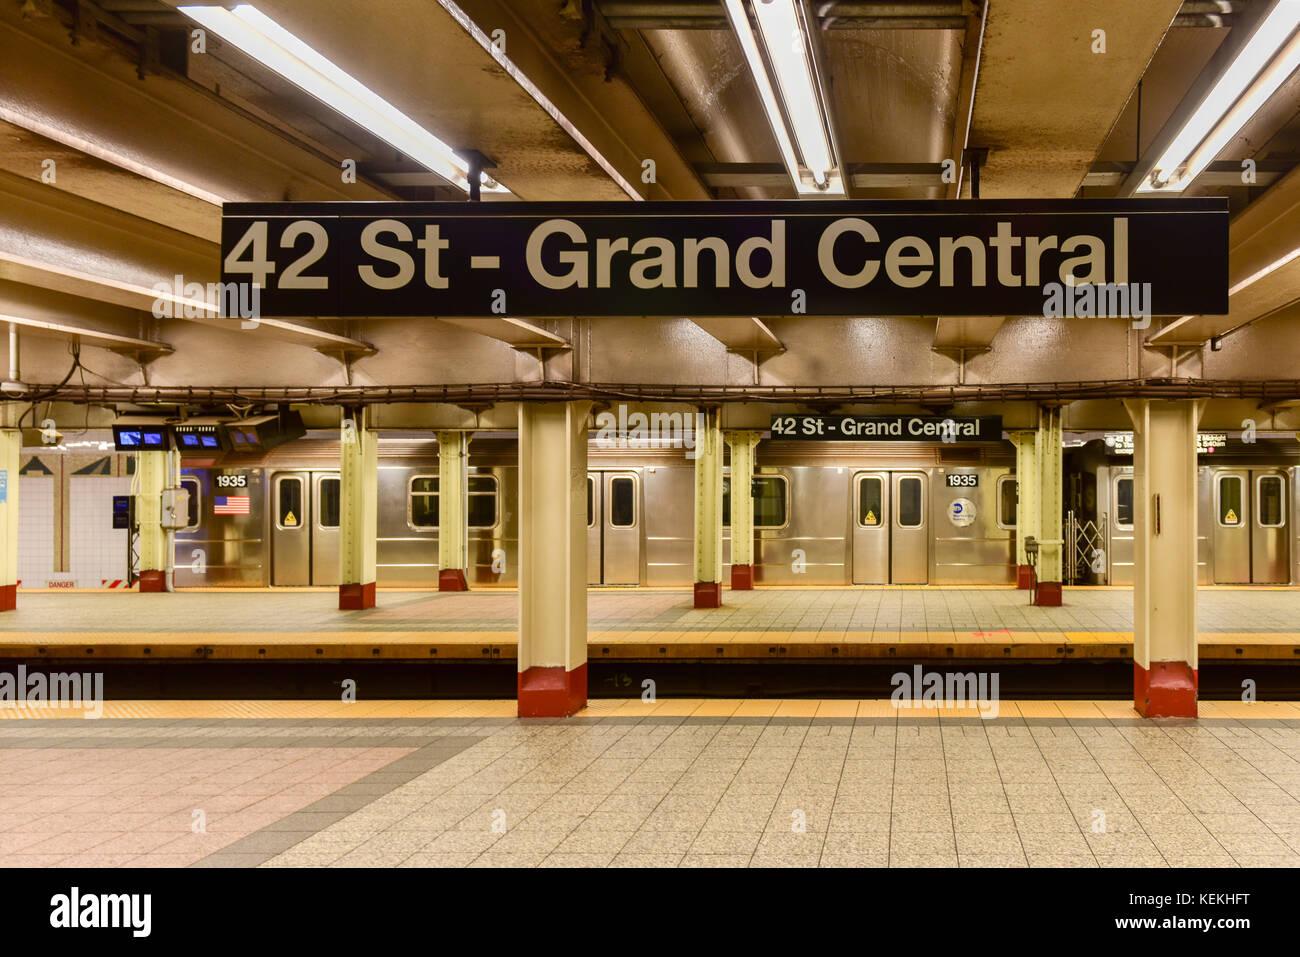 New York City - Oktober 14, 2017: 42 st-Grand Central U-Bahn Station in New York City. Stockbild